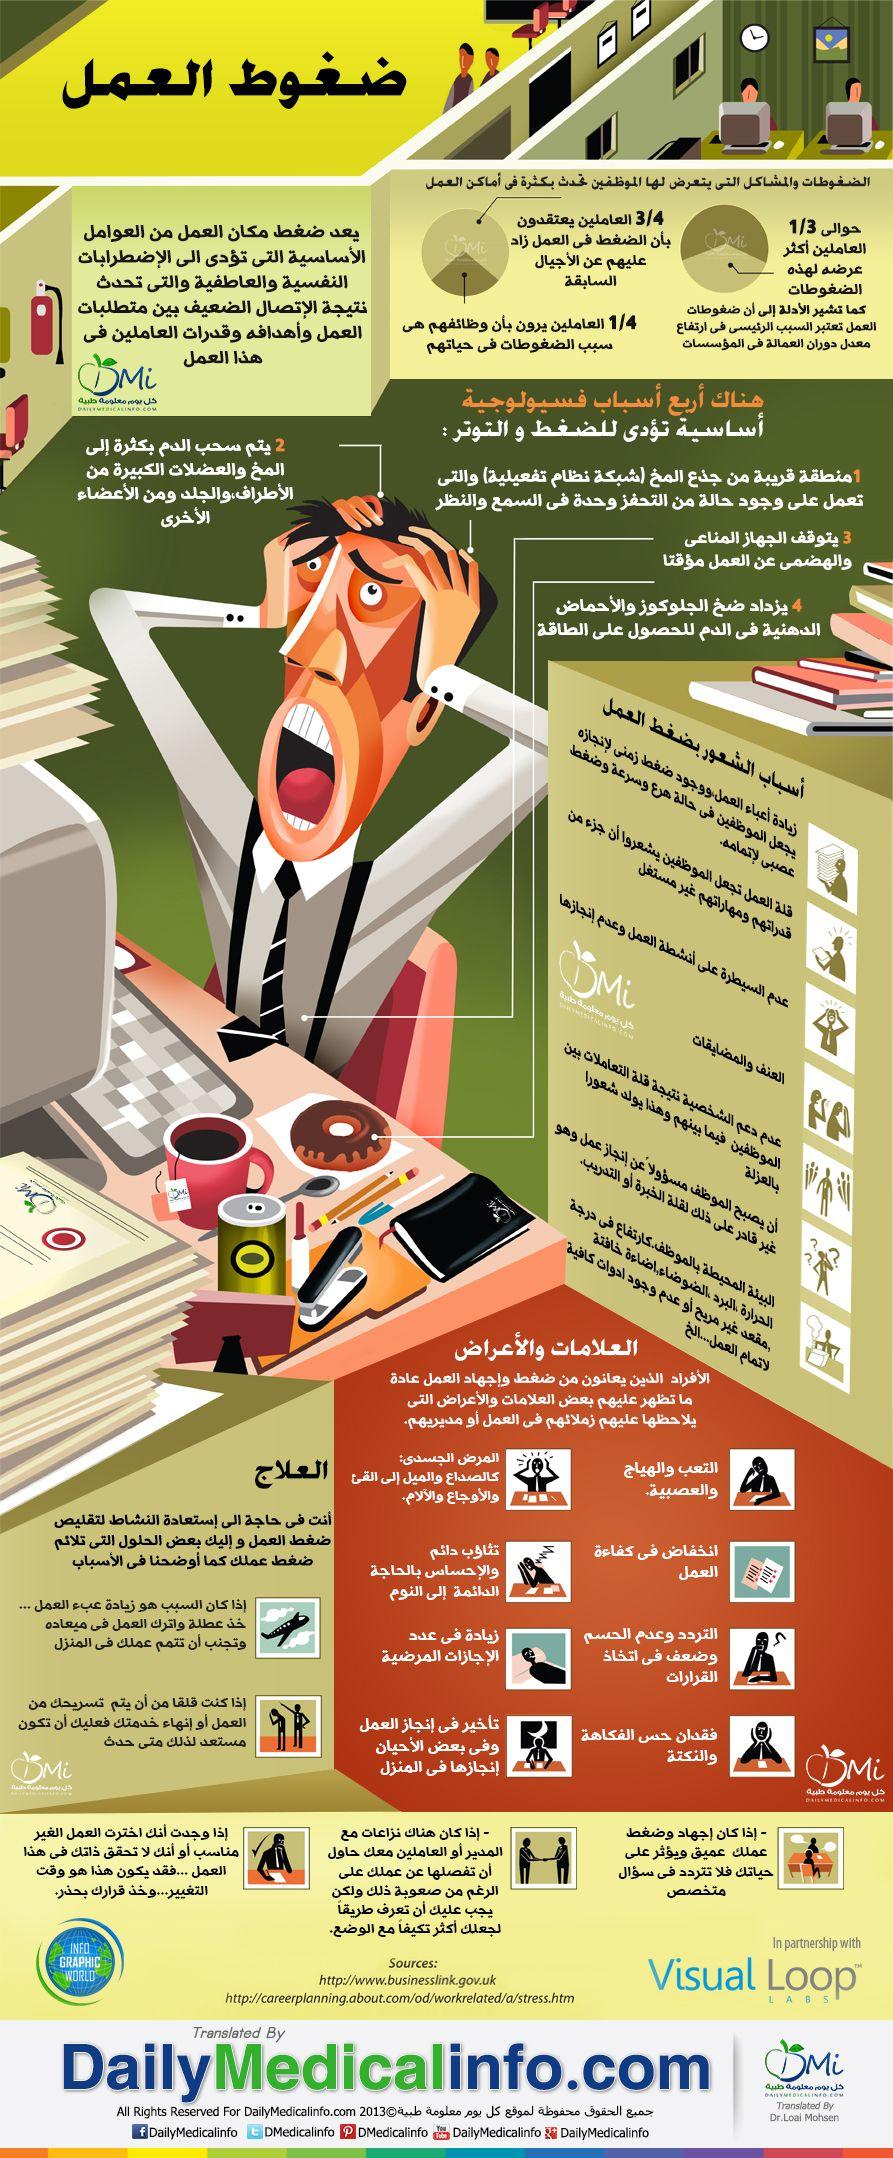 انفوجرافيك كيف تتعامل مع ضغوط العمل ؟ Work stress